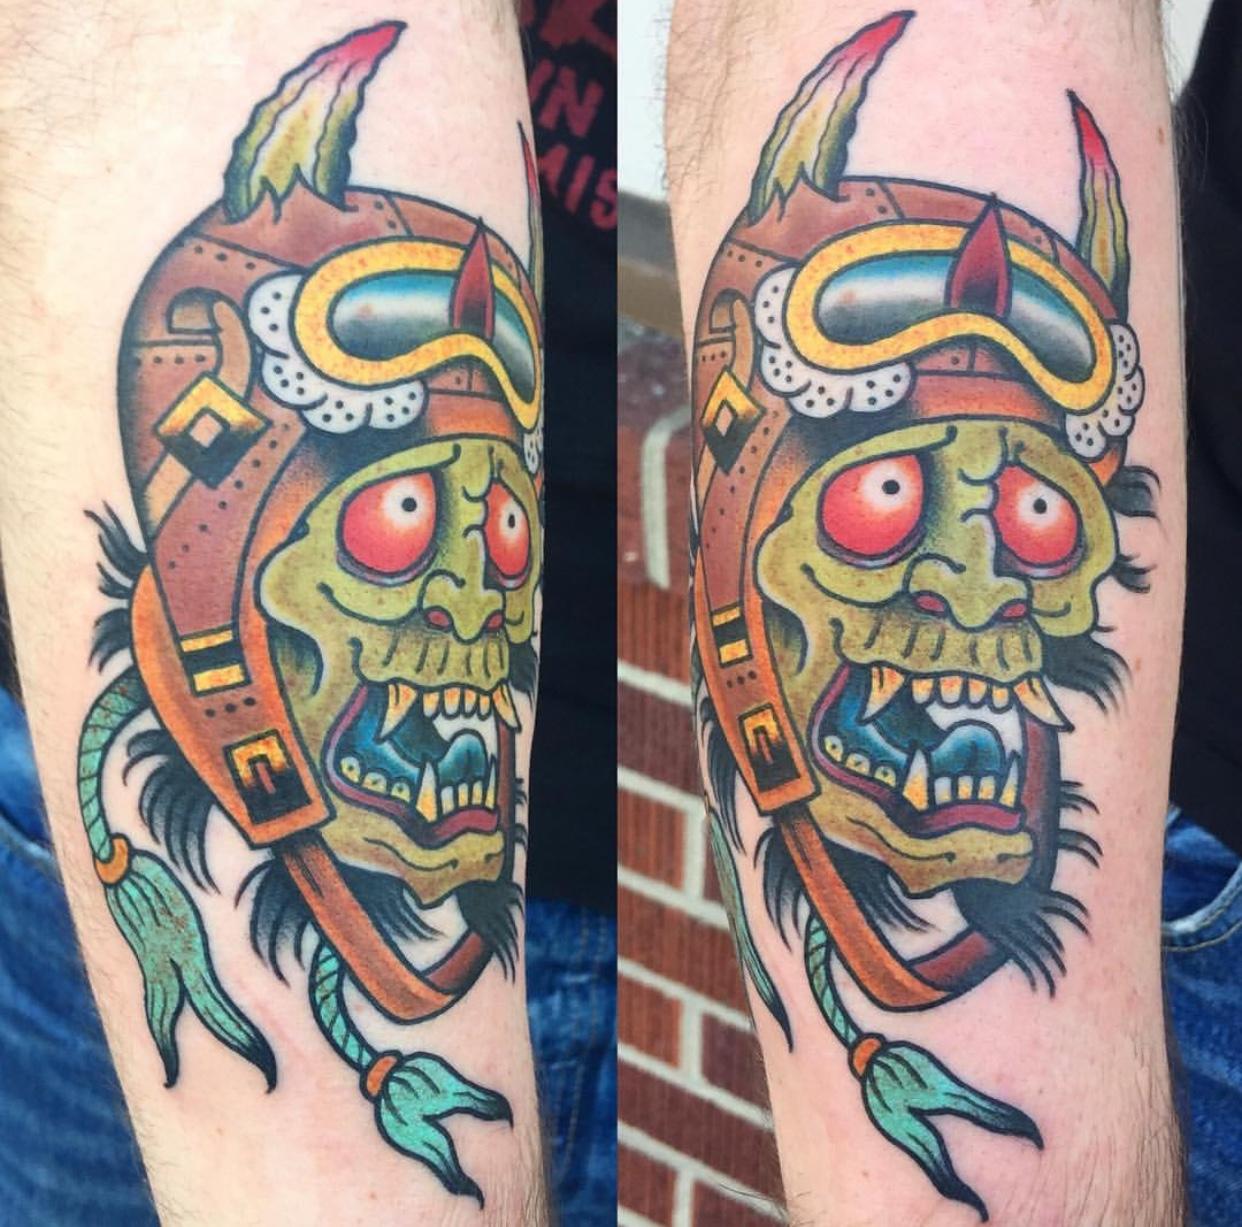 God Speed Tattoo Inc Tattoo San Mateo 650 558 1922